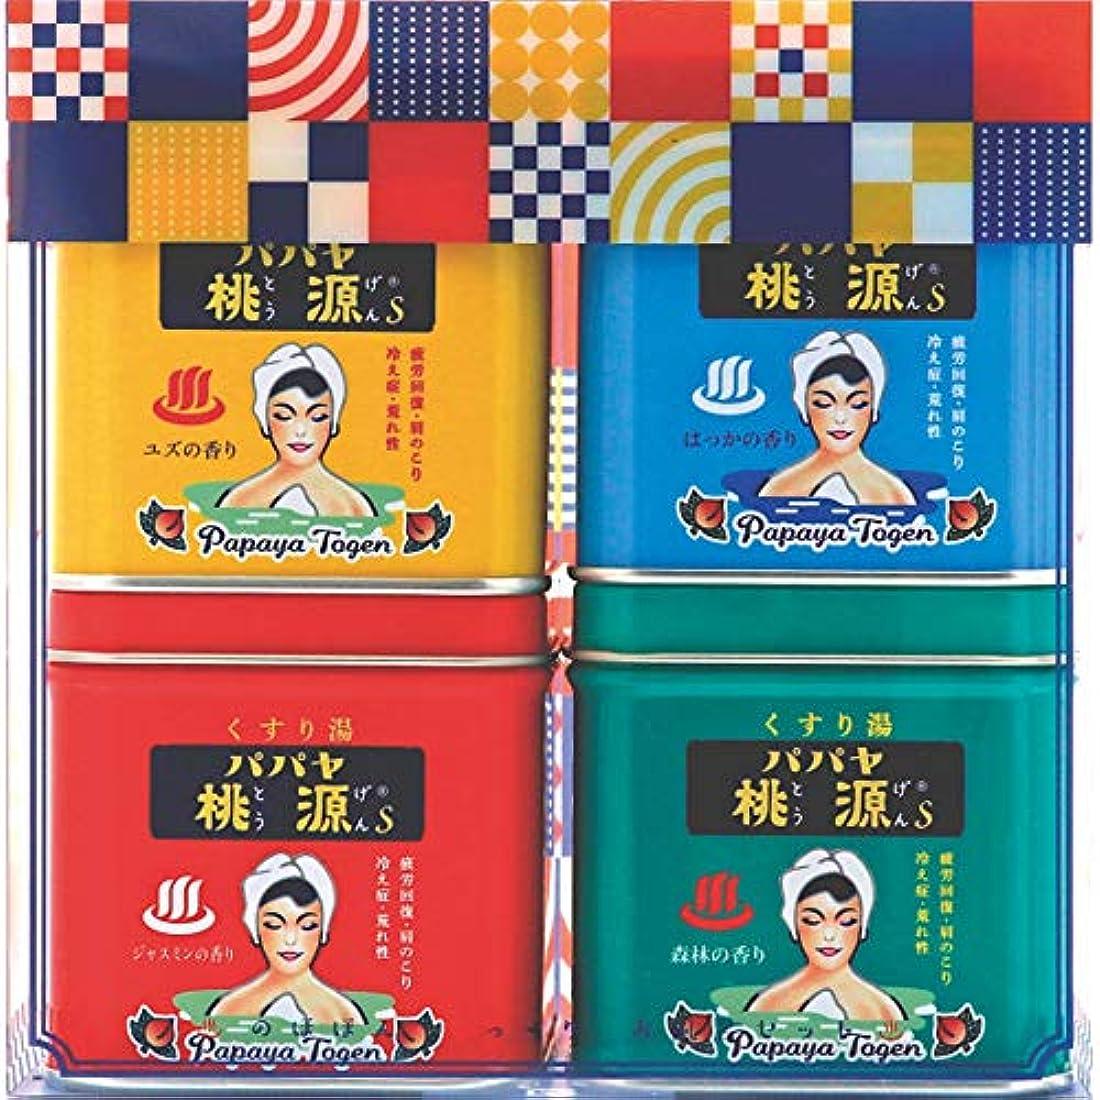 パパヤ桃源 のほほん湯っくりお風呂セットC (五洲薬品)